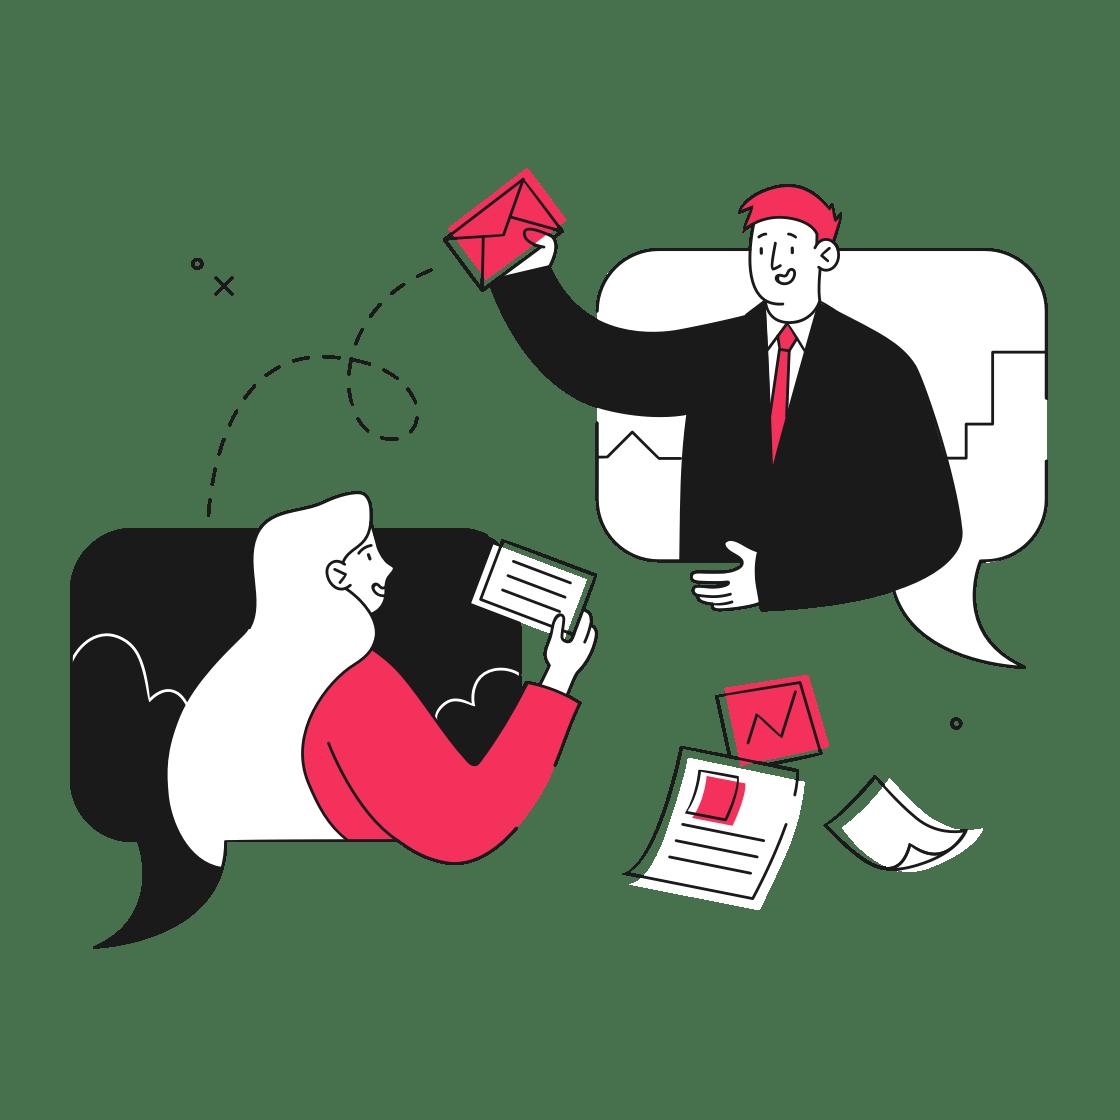 Virality workflow: Brief creation